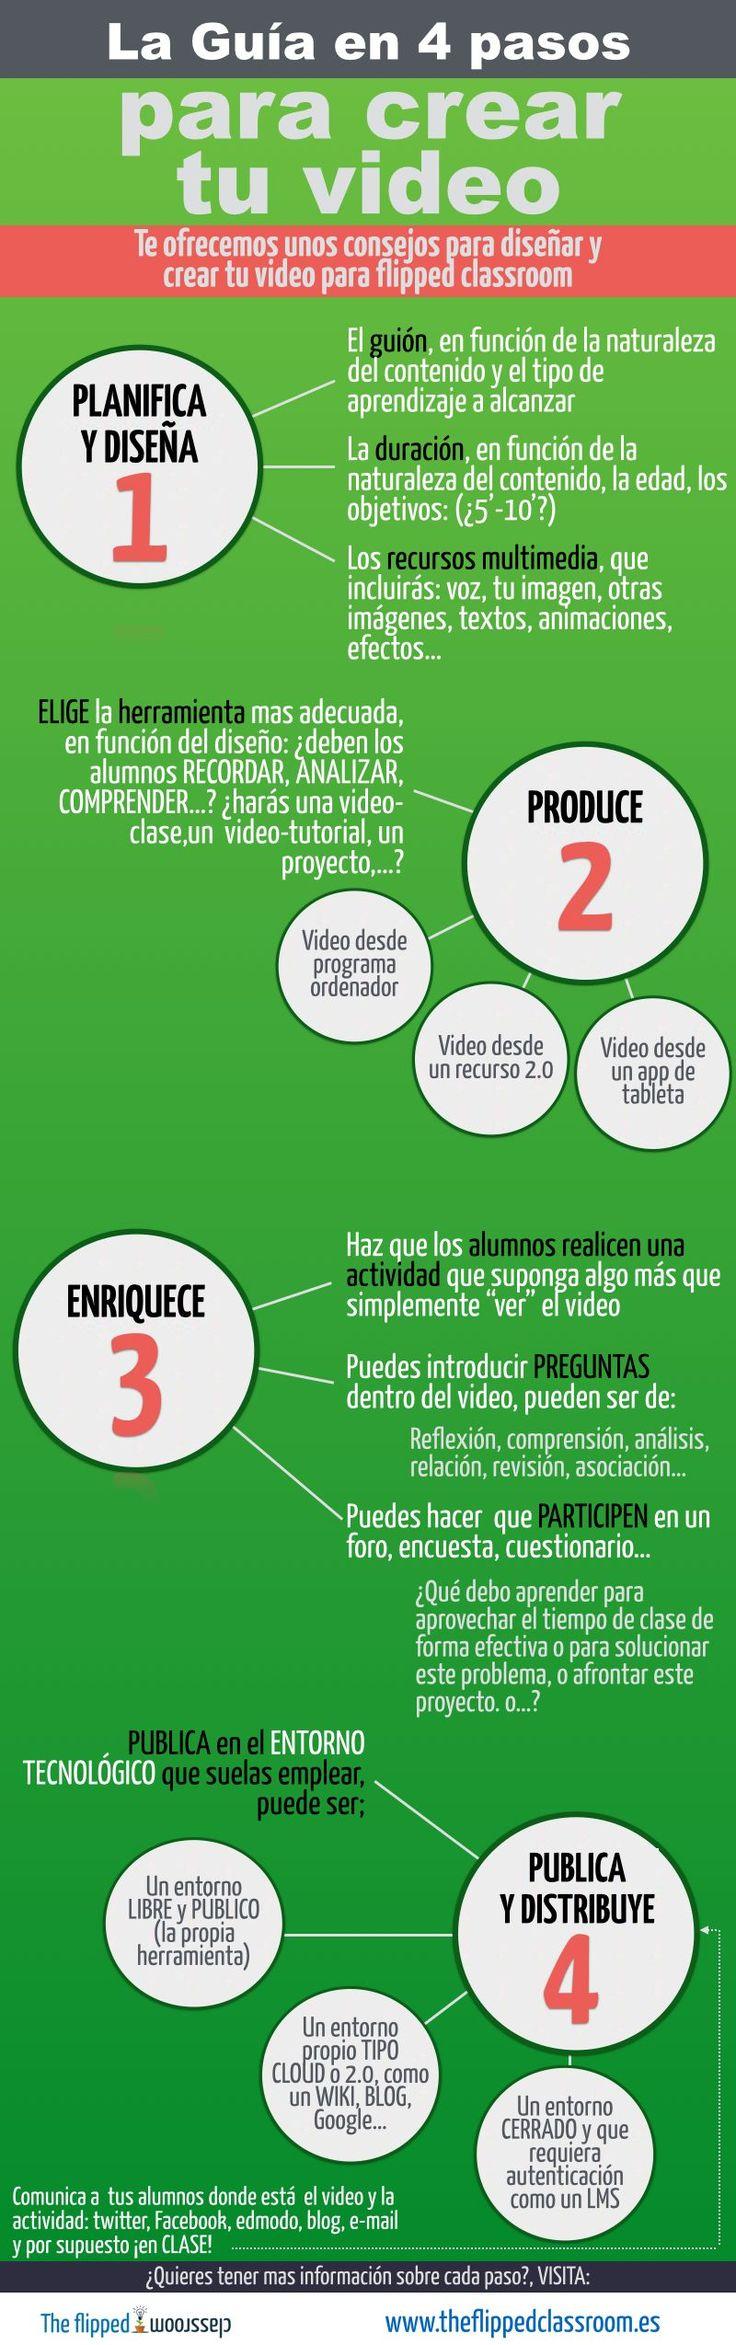 """Hola: Compartimos una interesante infografía sobre """"4 Pasos para Crear un Video para una Clase Invertida"""" Un gran saludo.  Visto en: theflippedclassroom.es  También le puede…"""